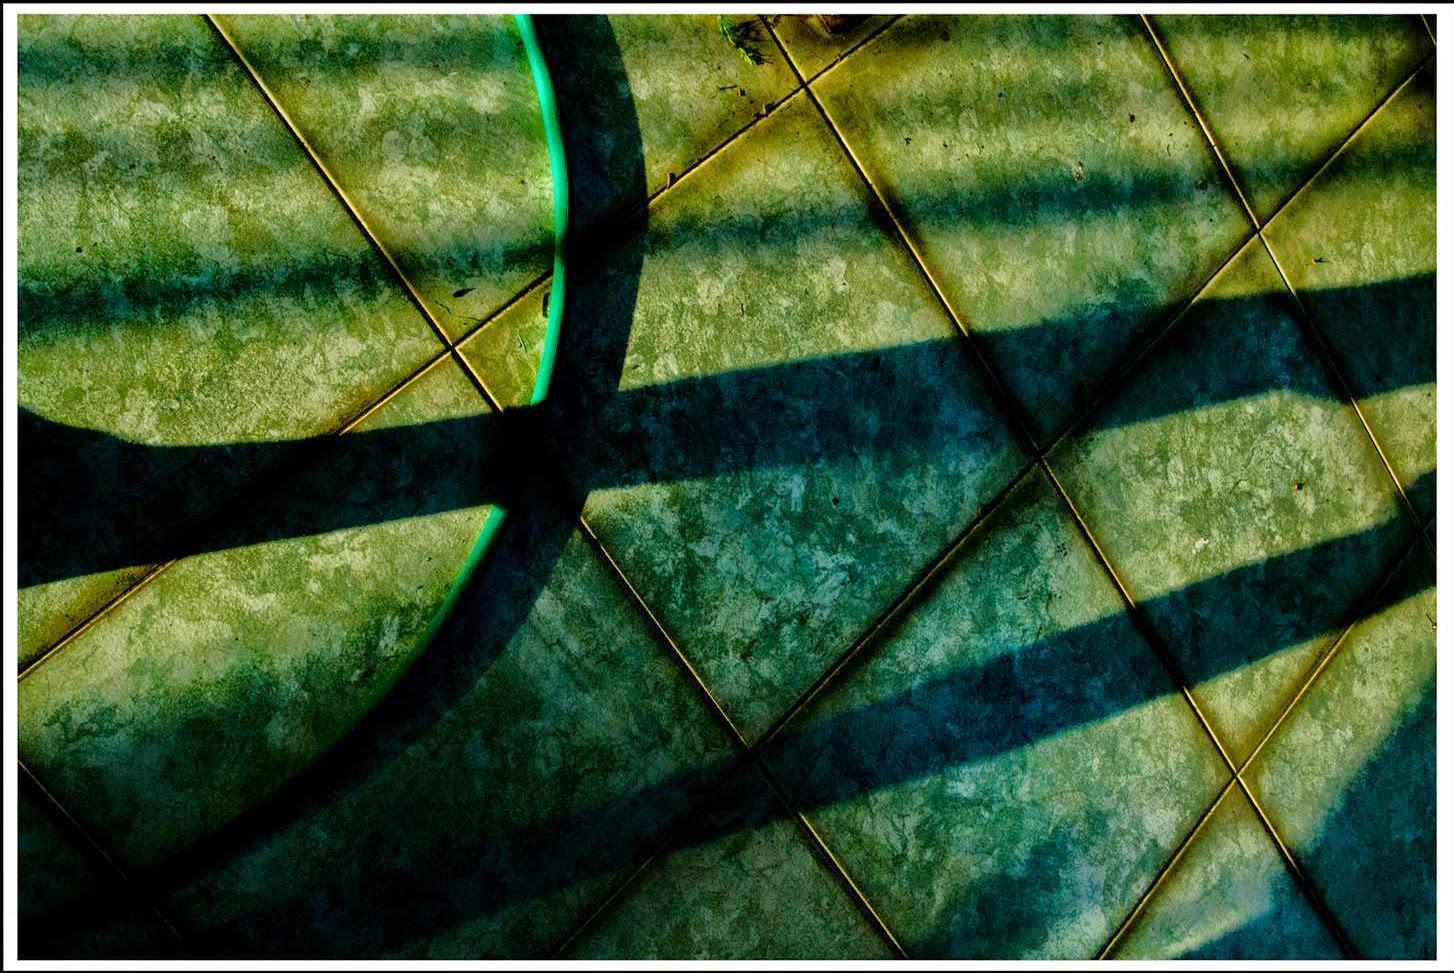 စုိးေနလင္း – အေကာင္းဆံုး အေကာင္းျမင္